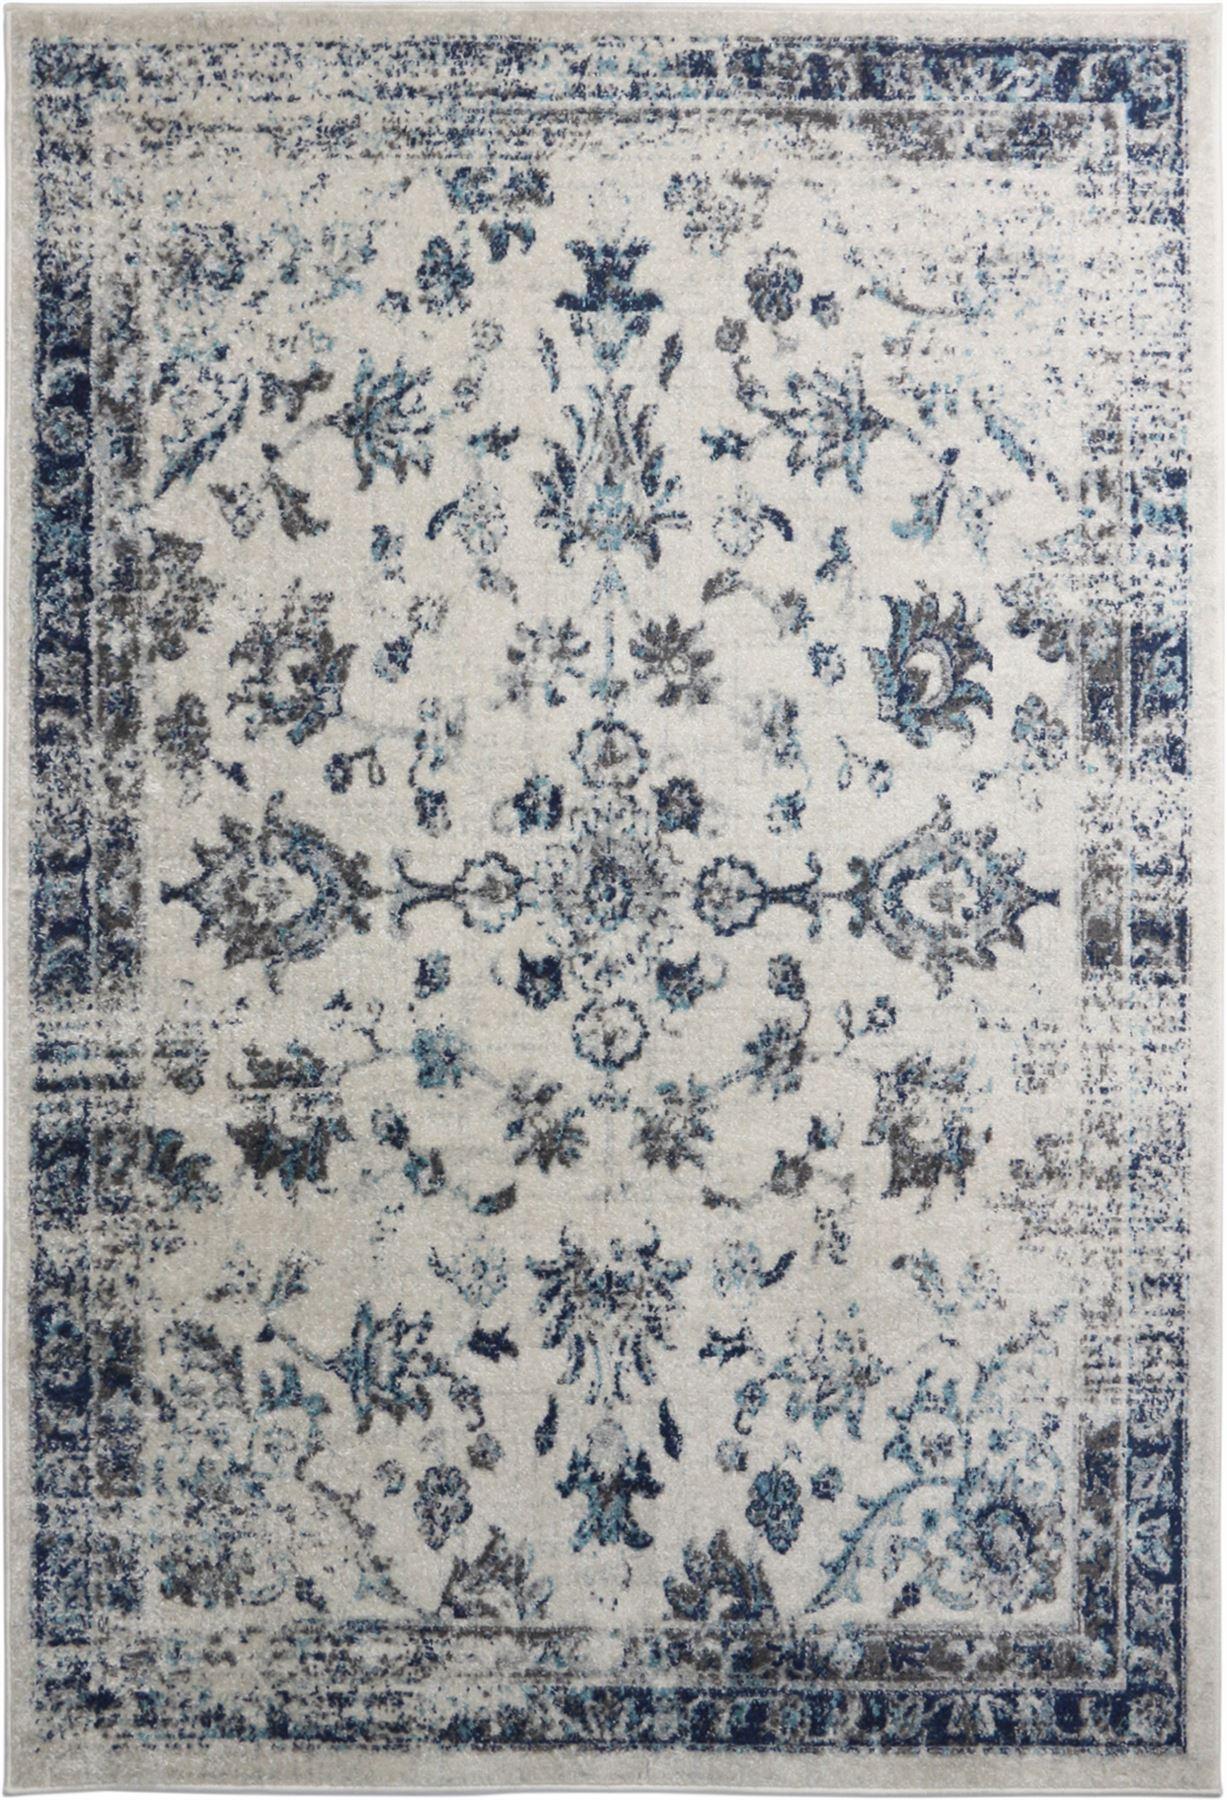 A2Z-Grande-Crema-Avorio-Blu-TRADIZIONALE-DESIGN-VINTAGE-tappeti-persiani-TAPPETI-CAMERA miniatura 3